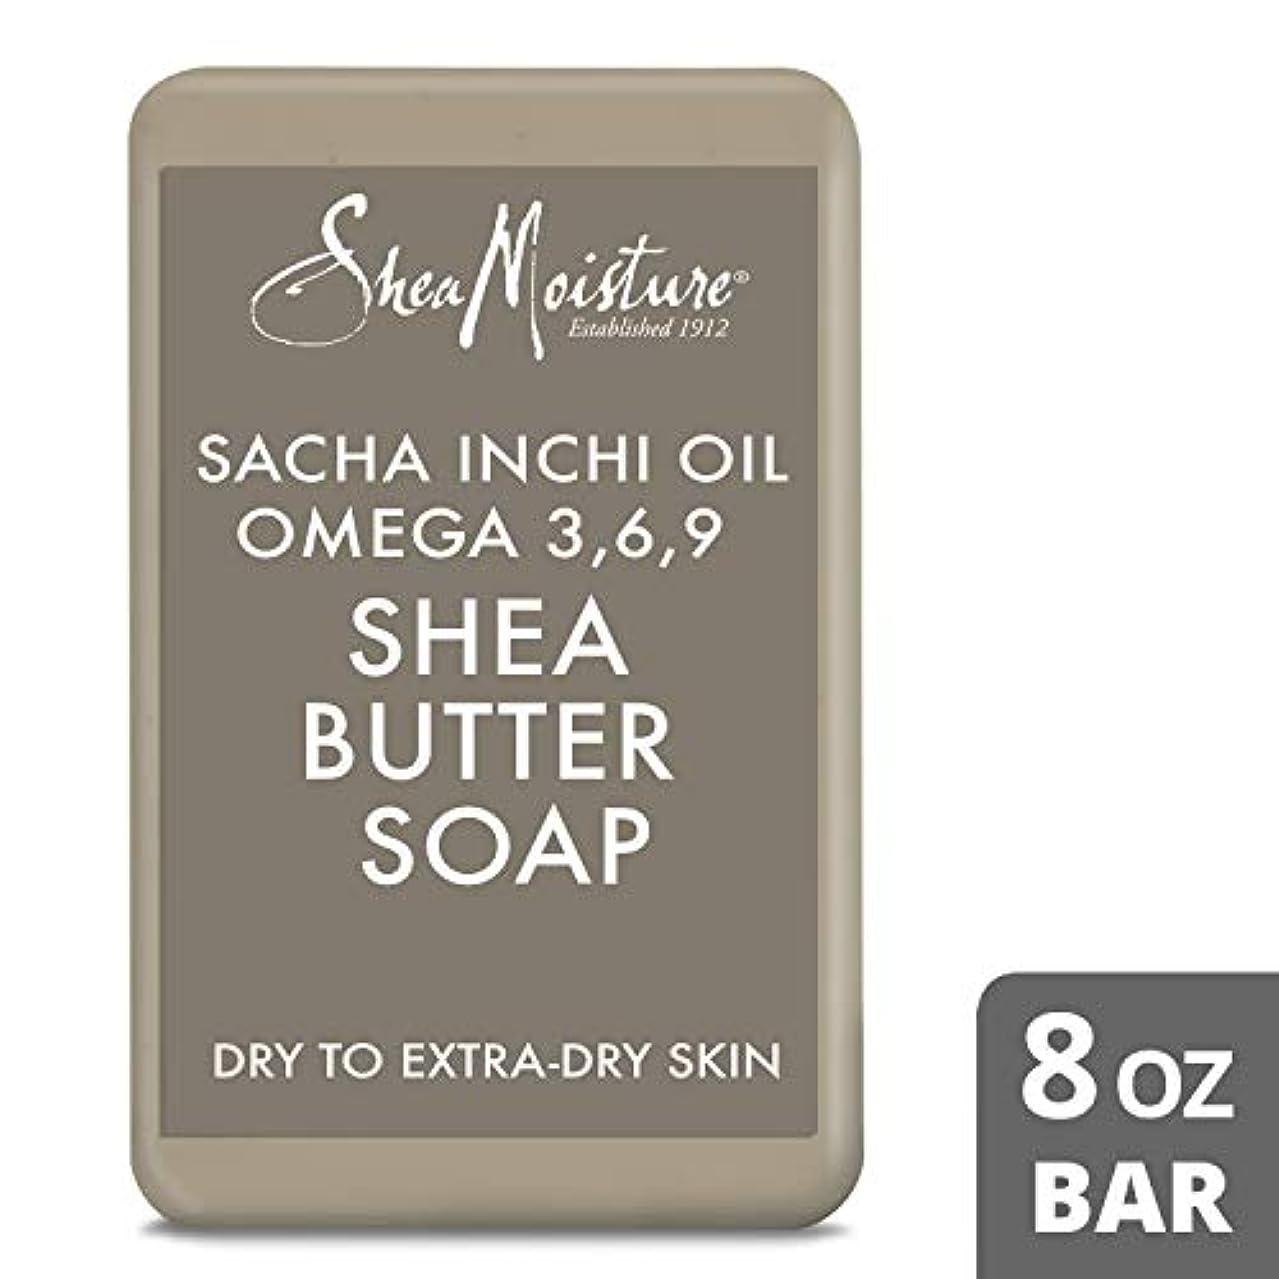 コストインフレーション脅威Shea Moisture U-BB-2718 Sacha Inchi Oil Omega-3-6-9 Rescue Shea Butter Soap - Dry to Extra-Dry Skin for Unisex...